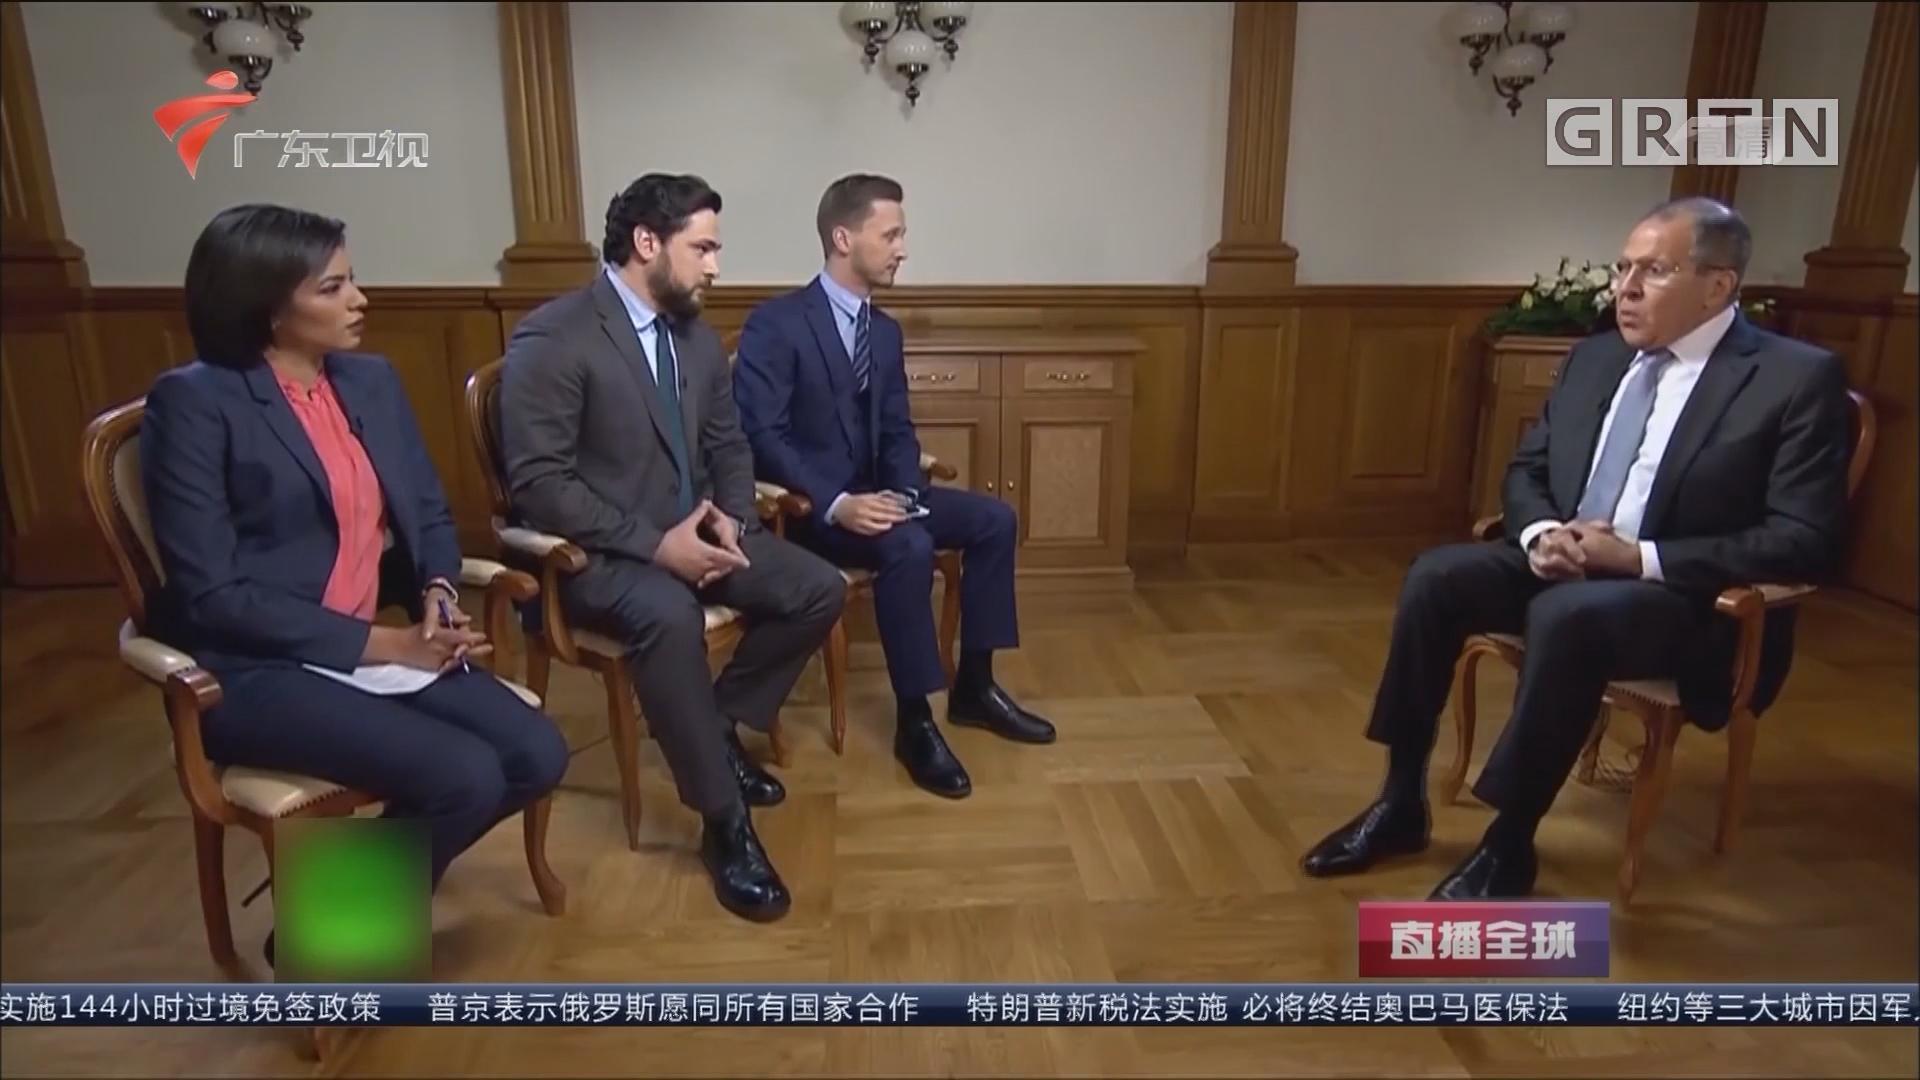 """俄外长:美朝应停止""""挑衅""""开展对话 俄外长:正常人不希望朝鲜半岛爆发战争"""